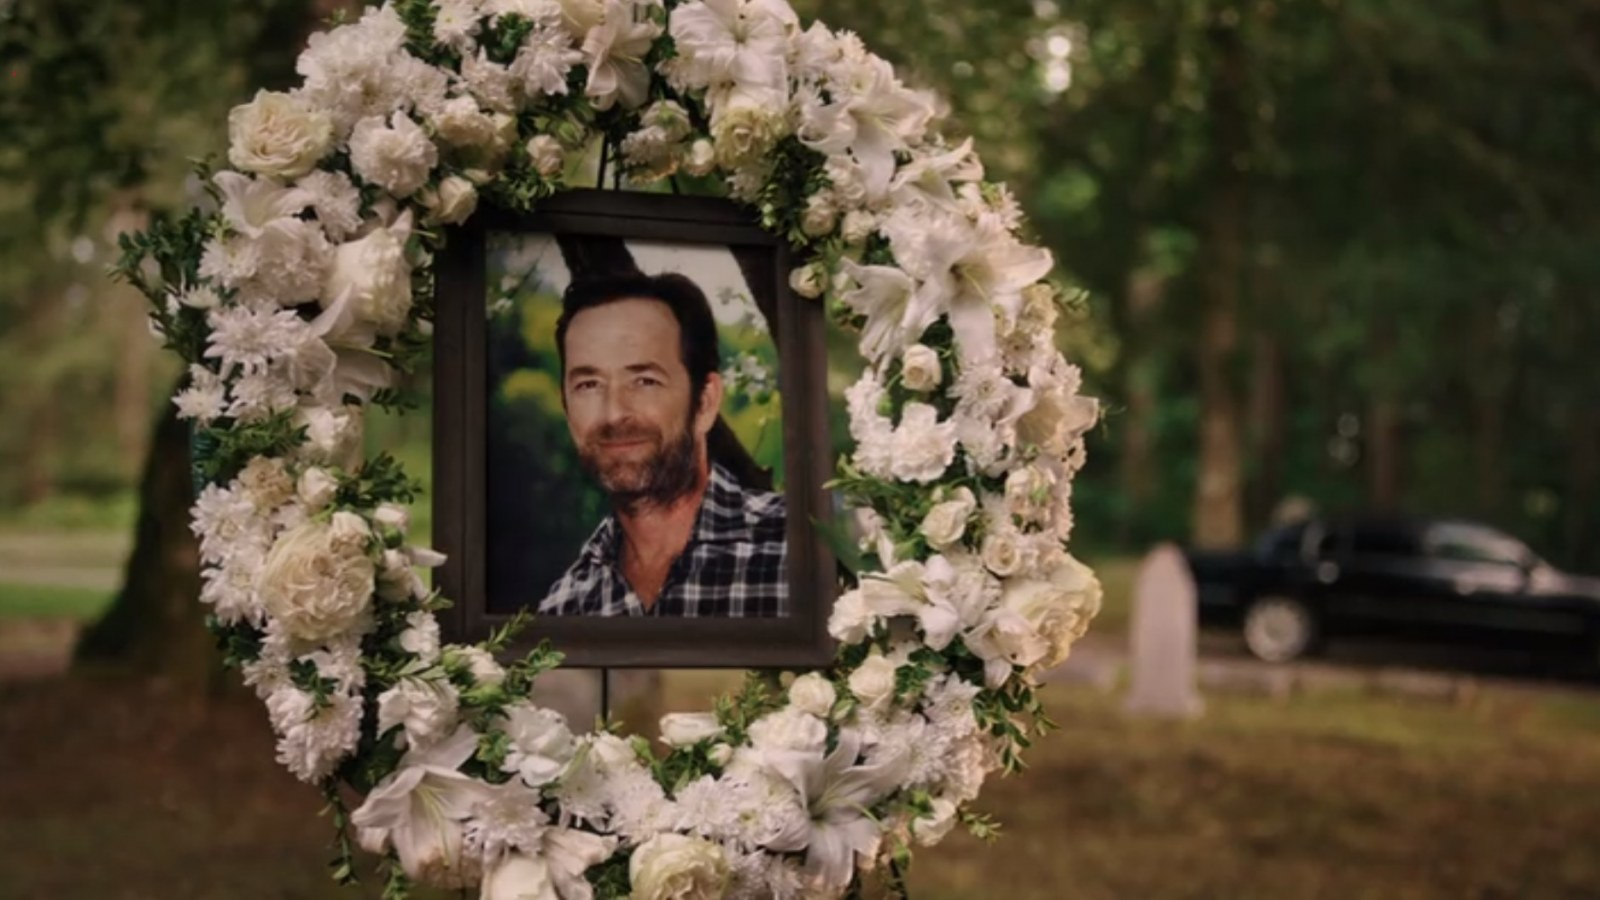 Cena da cena Riverdale. Vemos uma coroa de flores branca, e no centro dela está o retrato de Fred Andrews, um homem branco de meia idade, cabelos e barba preta, ele sorri na foto. O cenário é um cemitério com muitas árvores e grama verde.